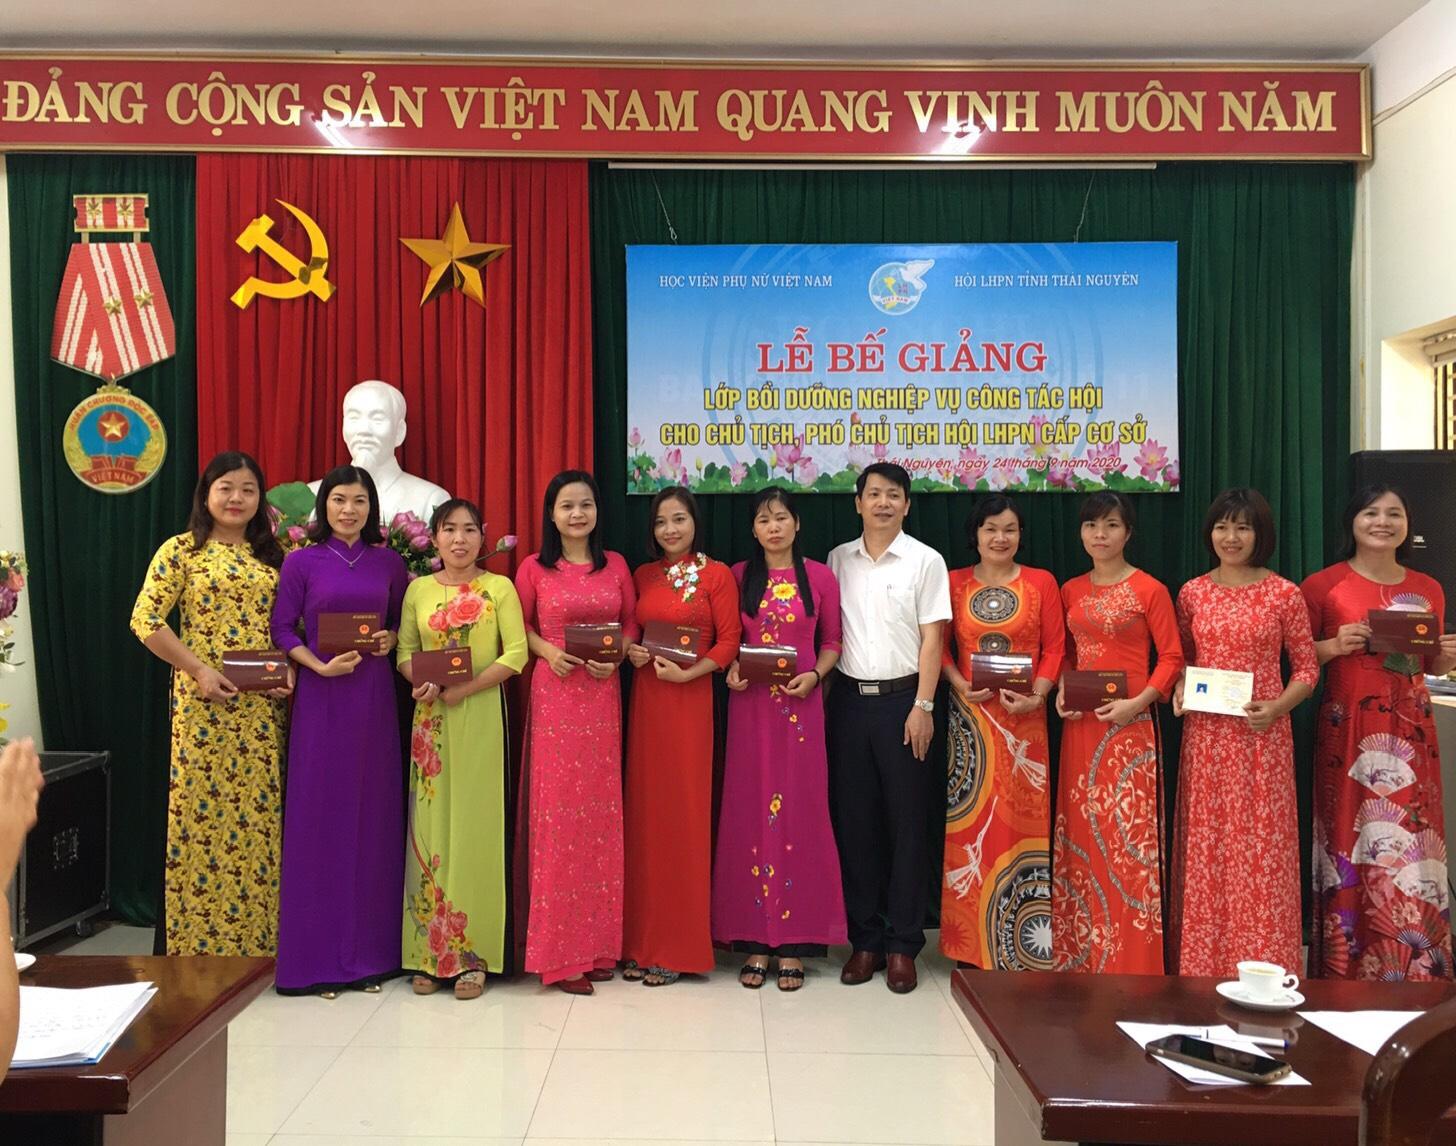 Tin tổng hợp tháng 9: Công tác bồi dưỡng cán bộ nữ tại địa phương